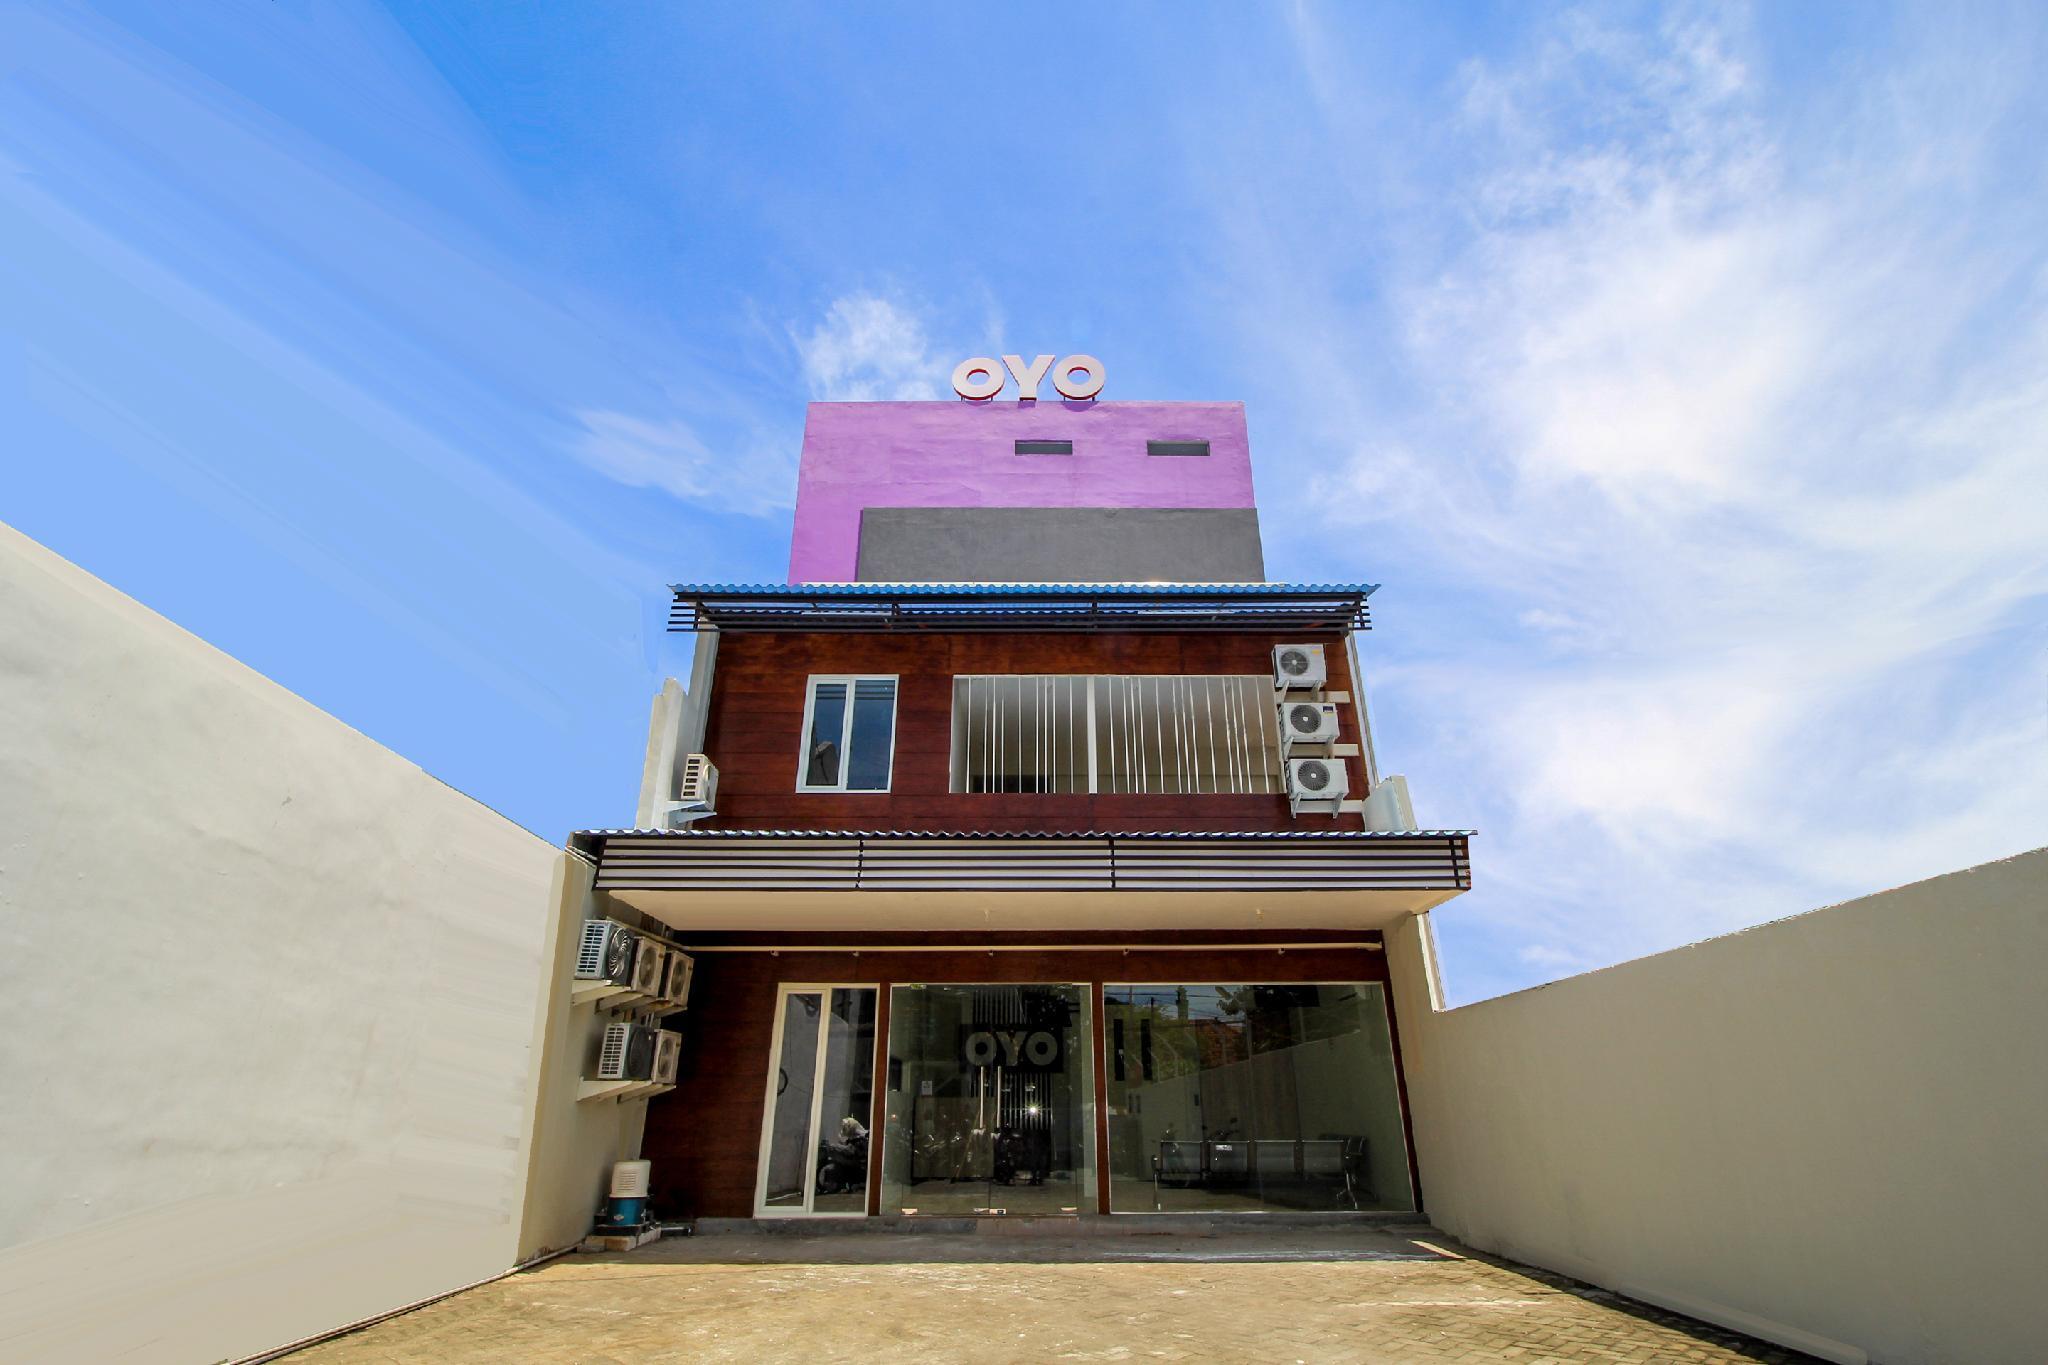 OYO 168 K 15 Residence